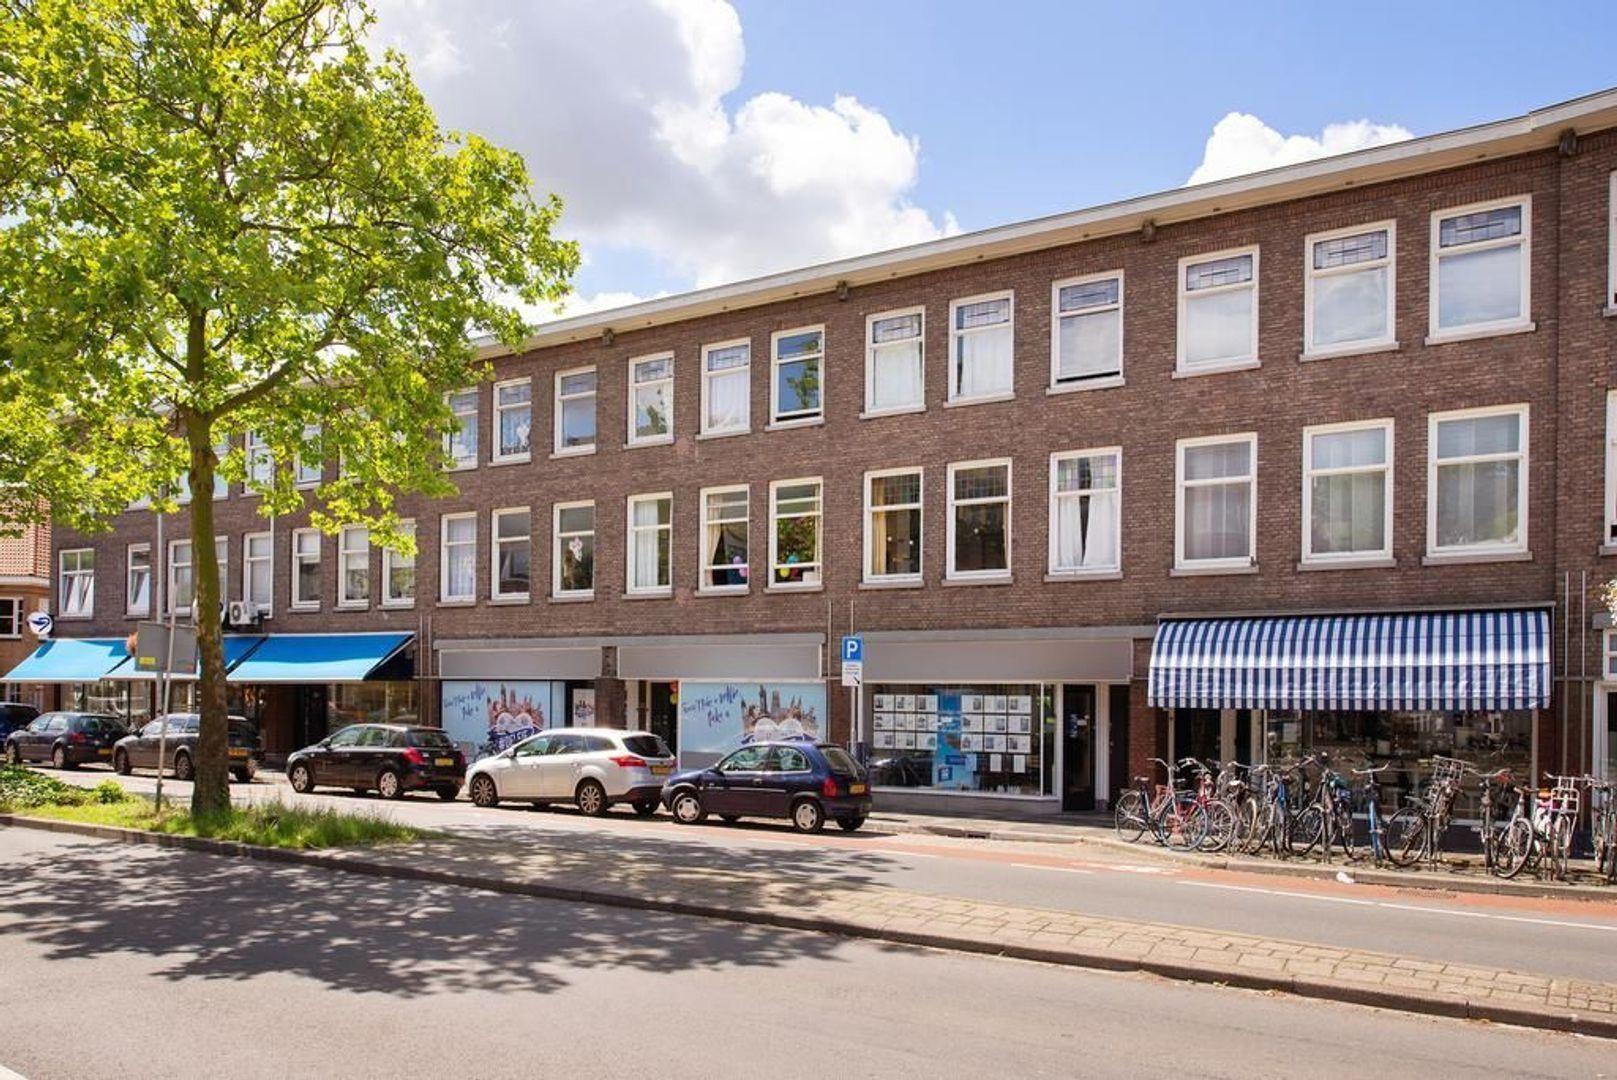 Julianalaan 49 45, 51, Delft foto-1